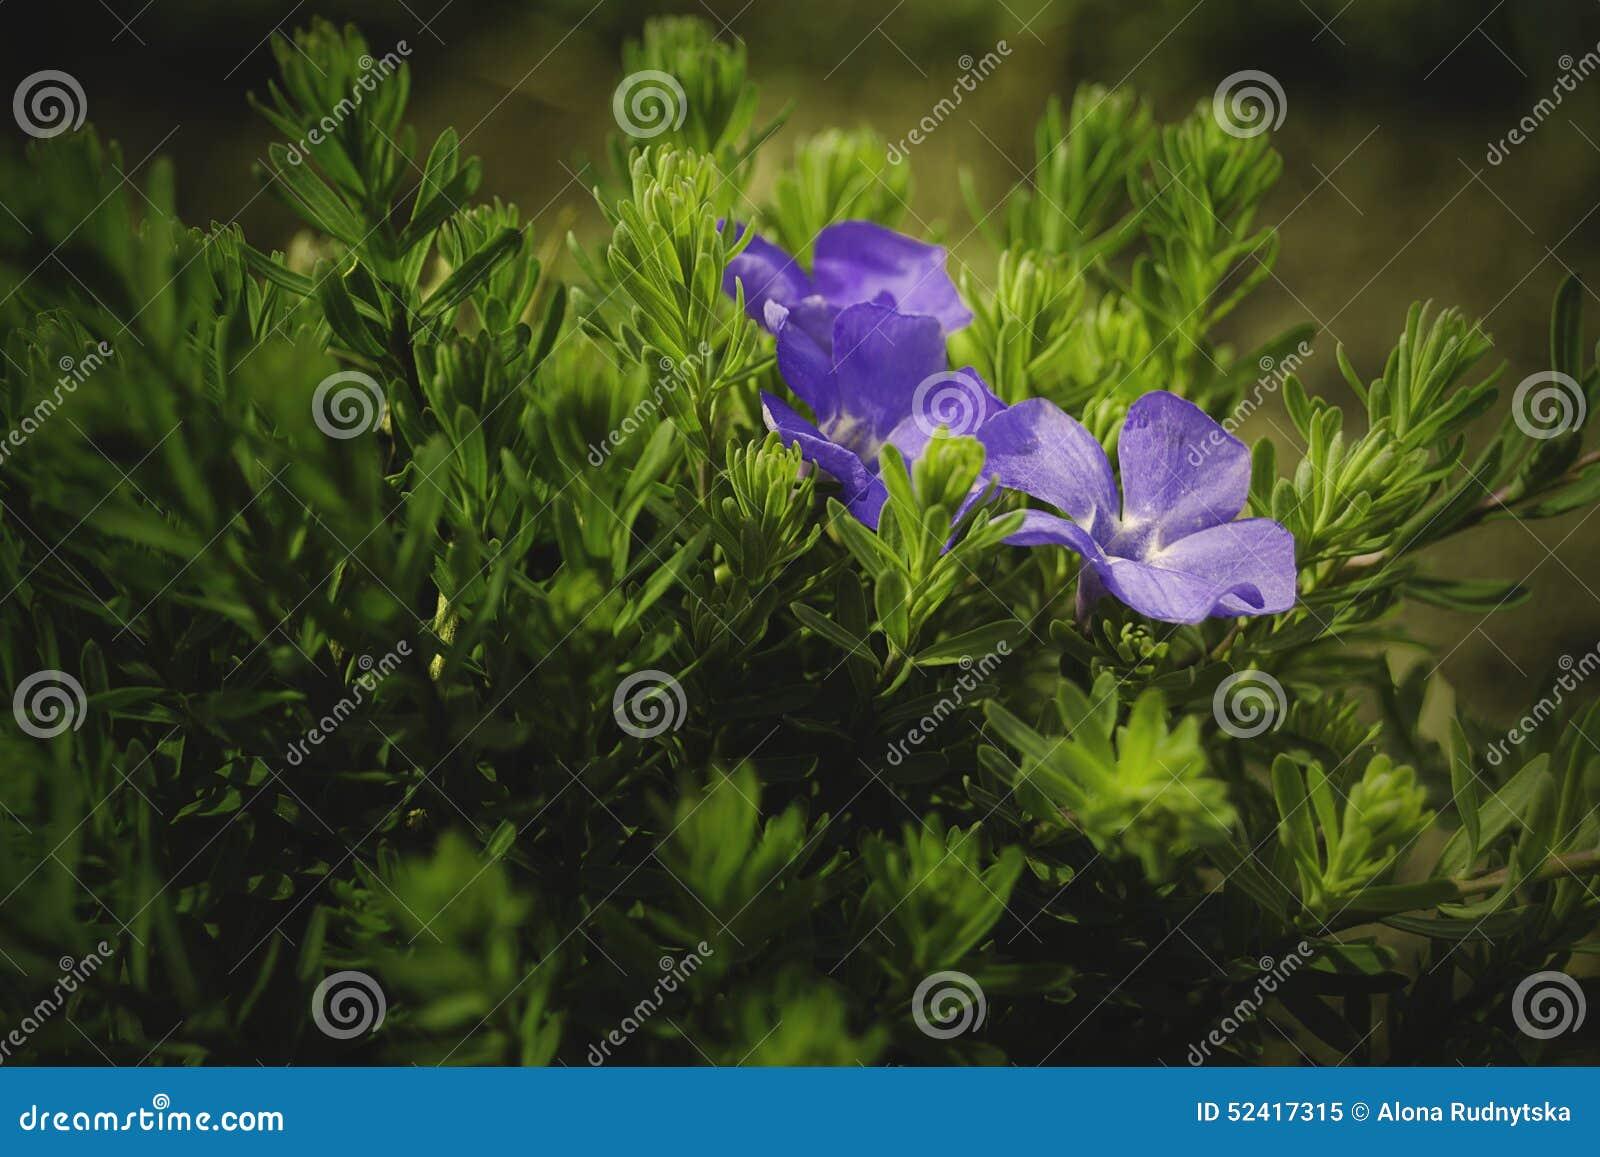 Die Ersten Blumen Fruhling Bluht Primeln Blaue Blume Gartenblume